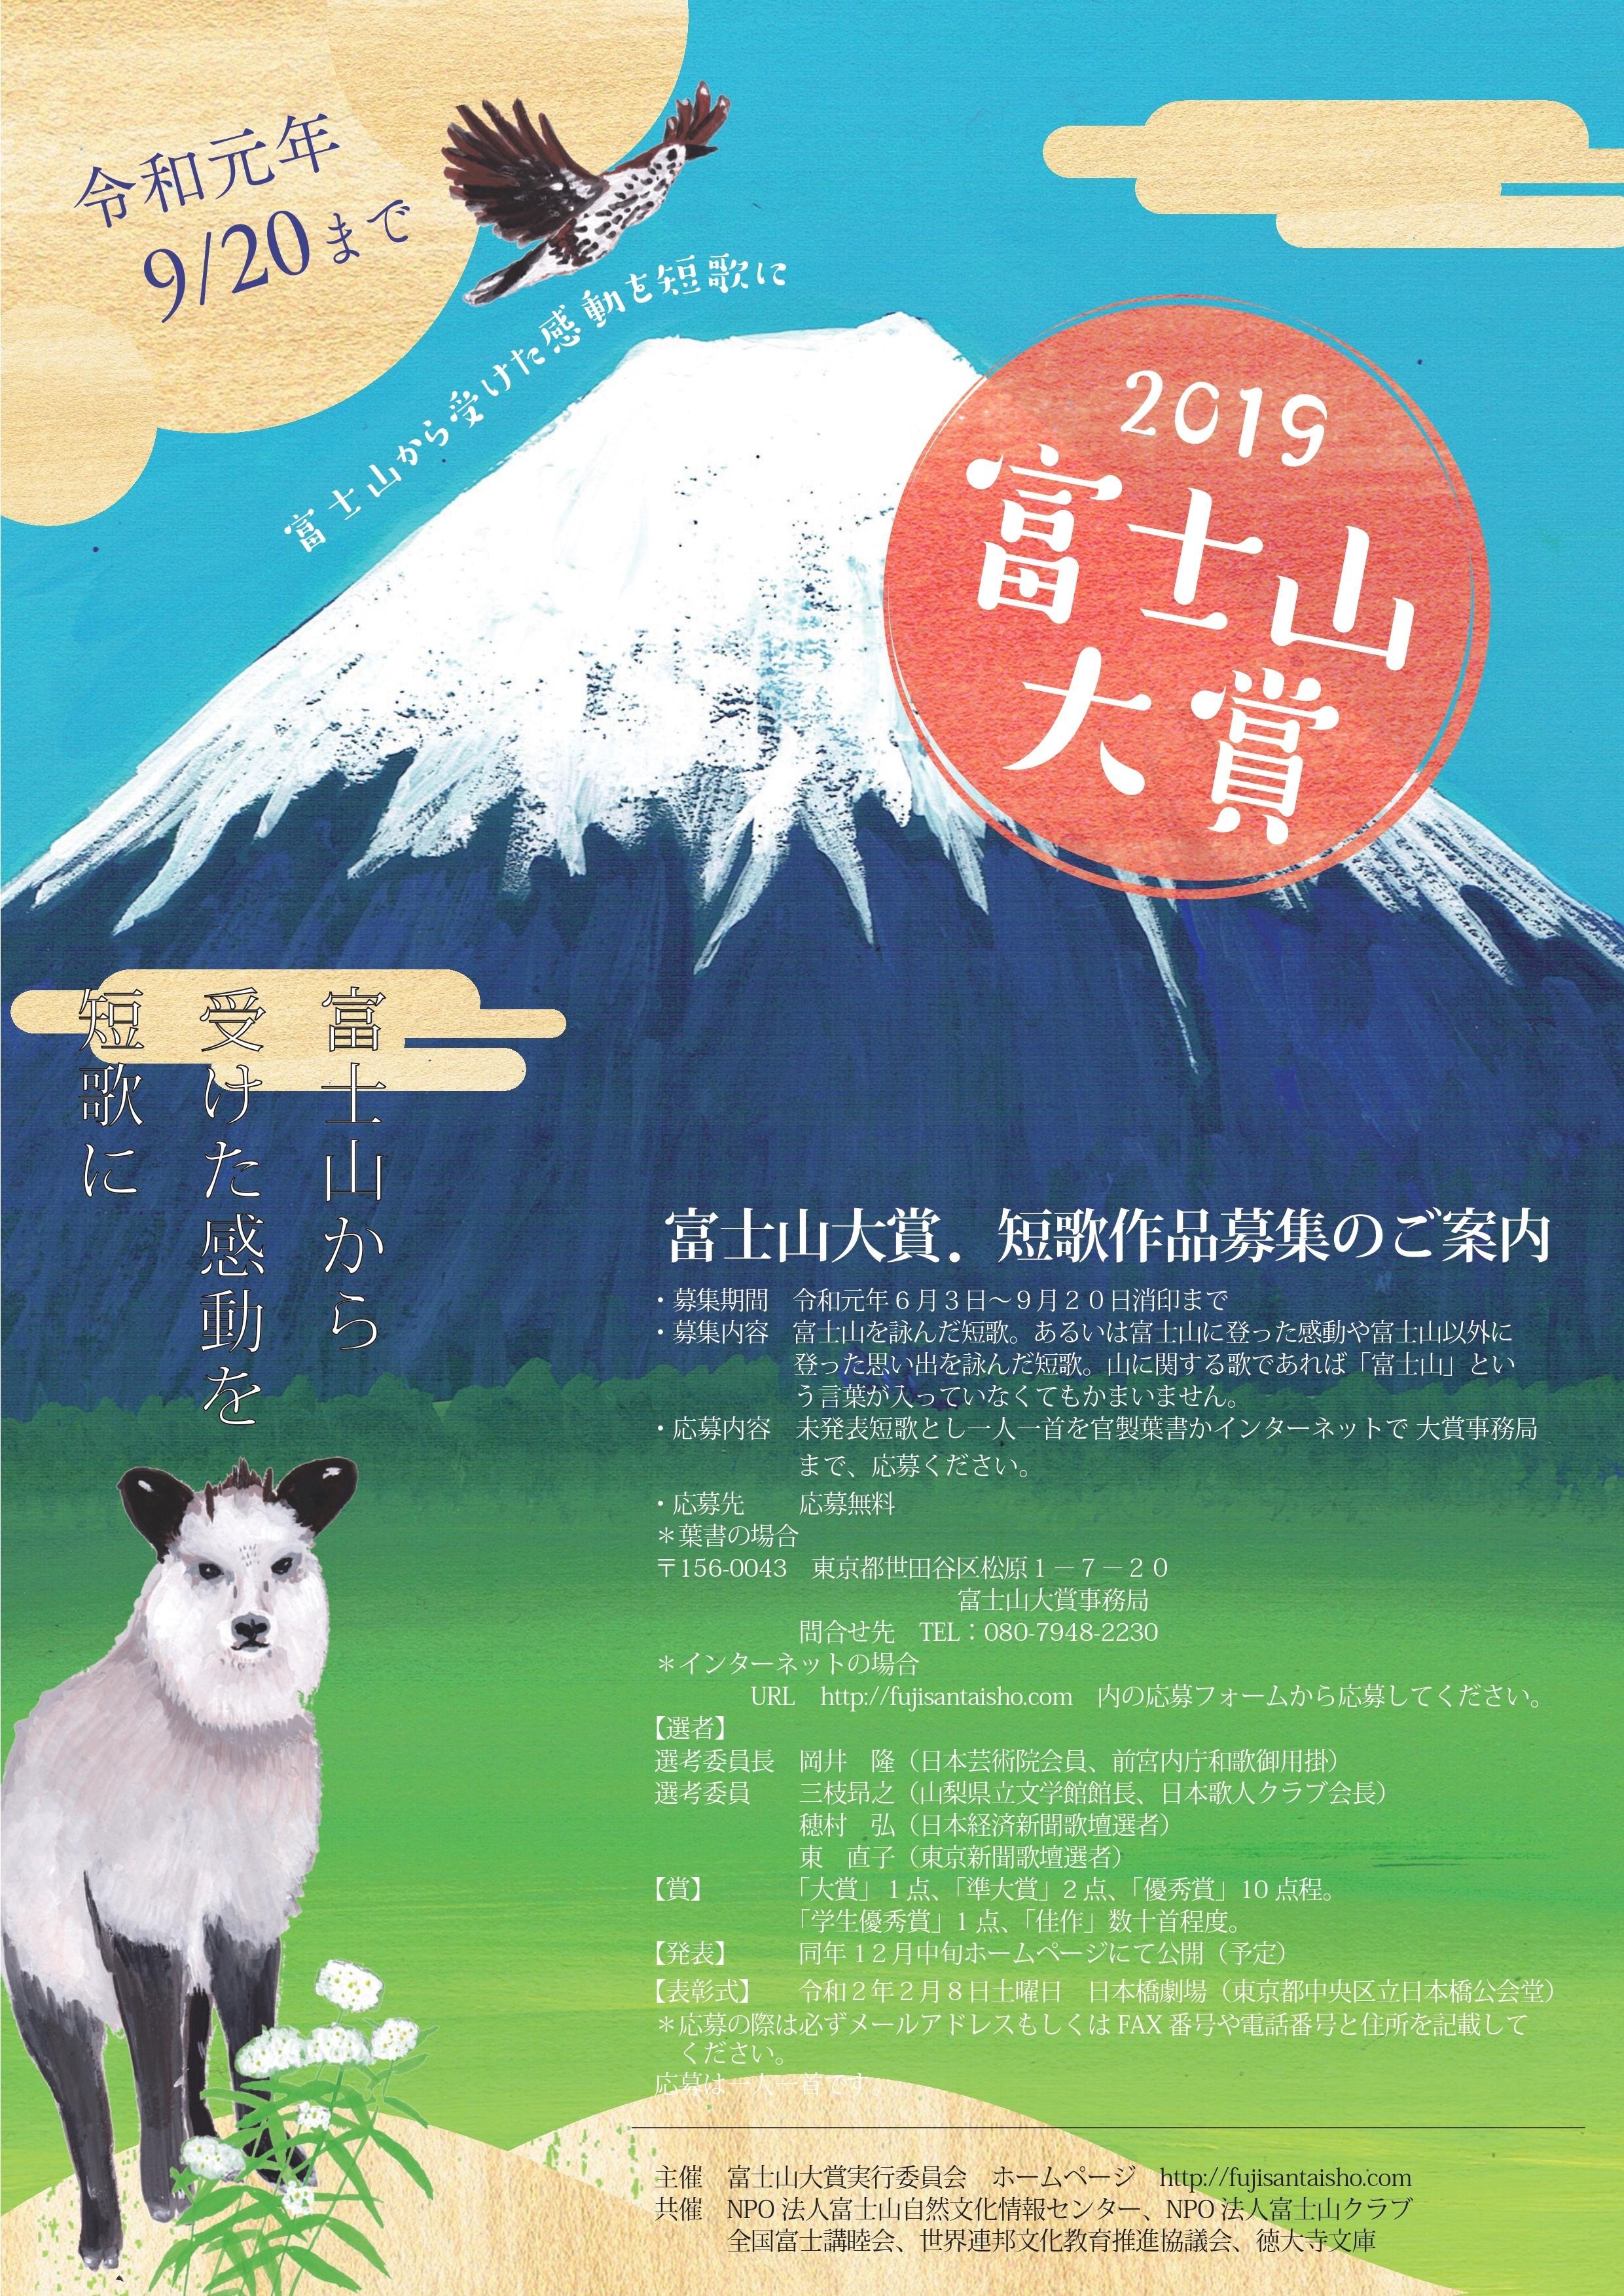 富士山大賞2019A2ポスター_page-0001-1